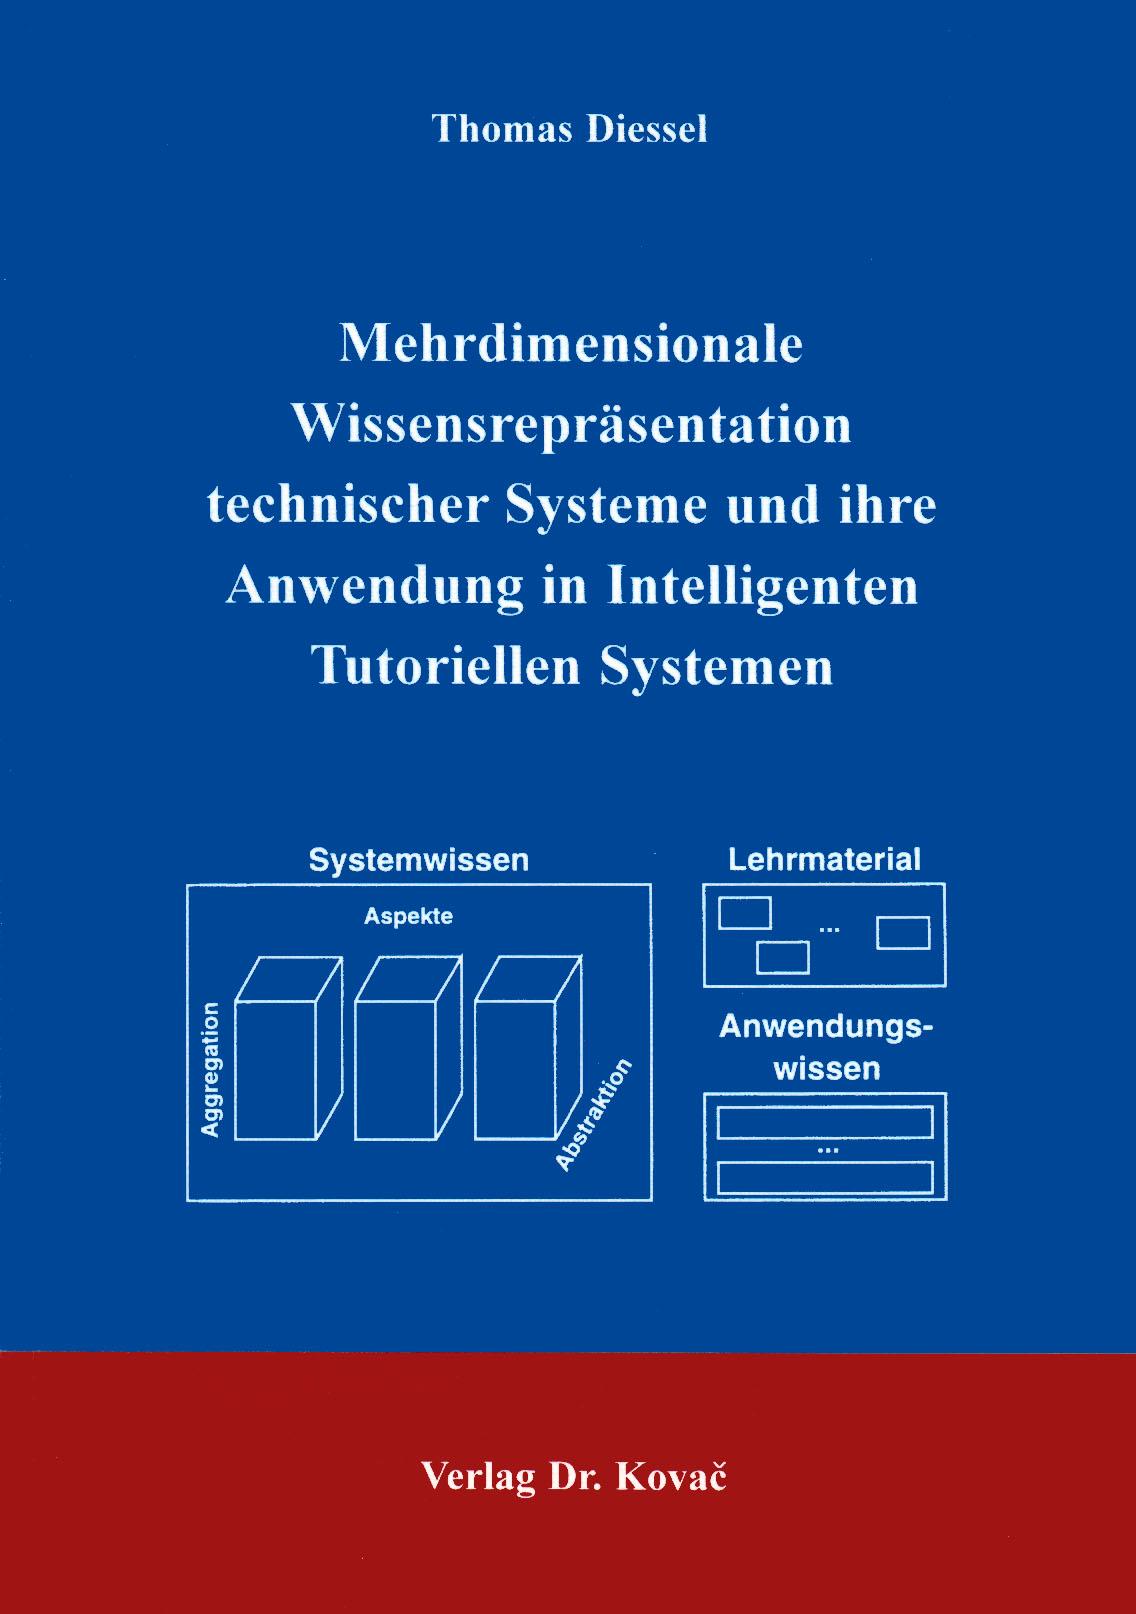 Cover: Mehrdimensionale Wissenspräsentationen technischer Systeme und ihre Anwendung in intelligenten Tutoriellen Systemen